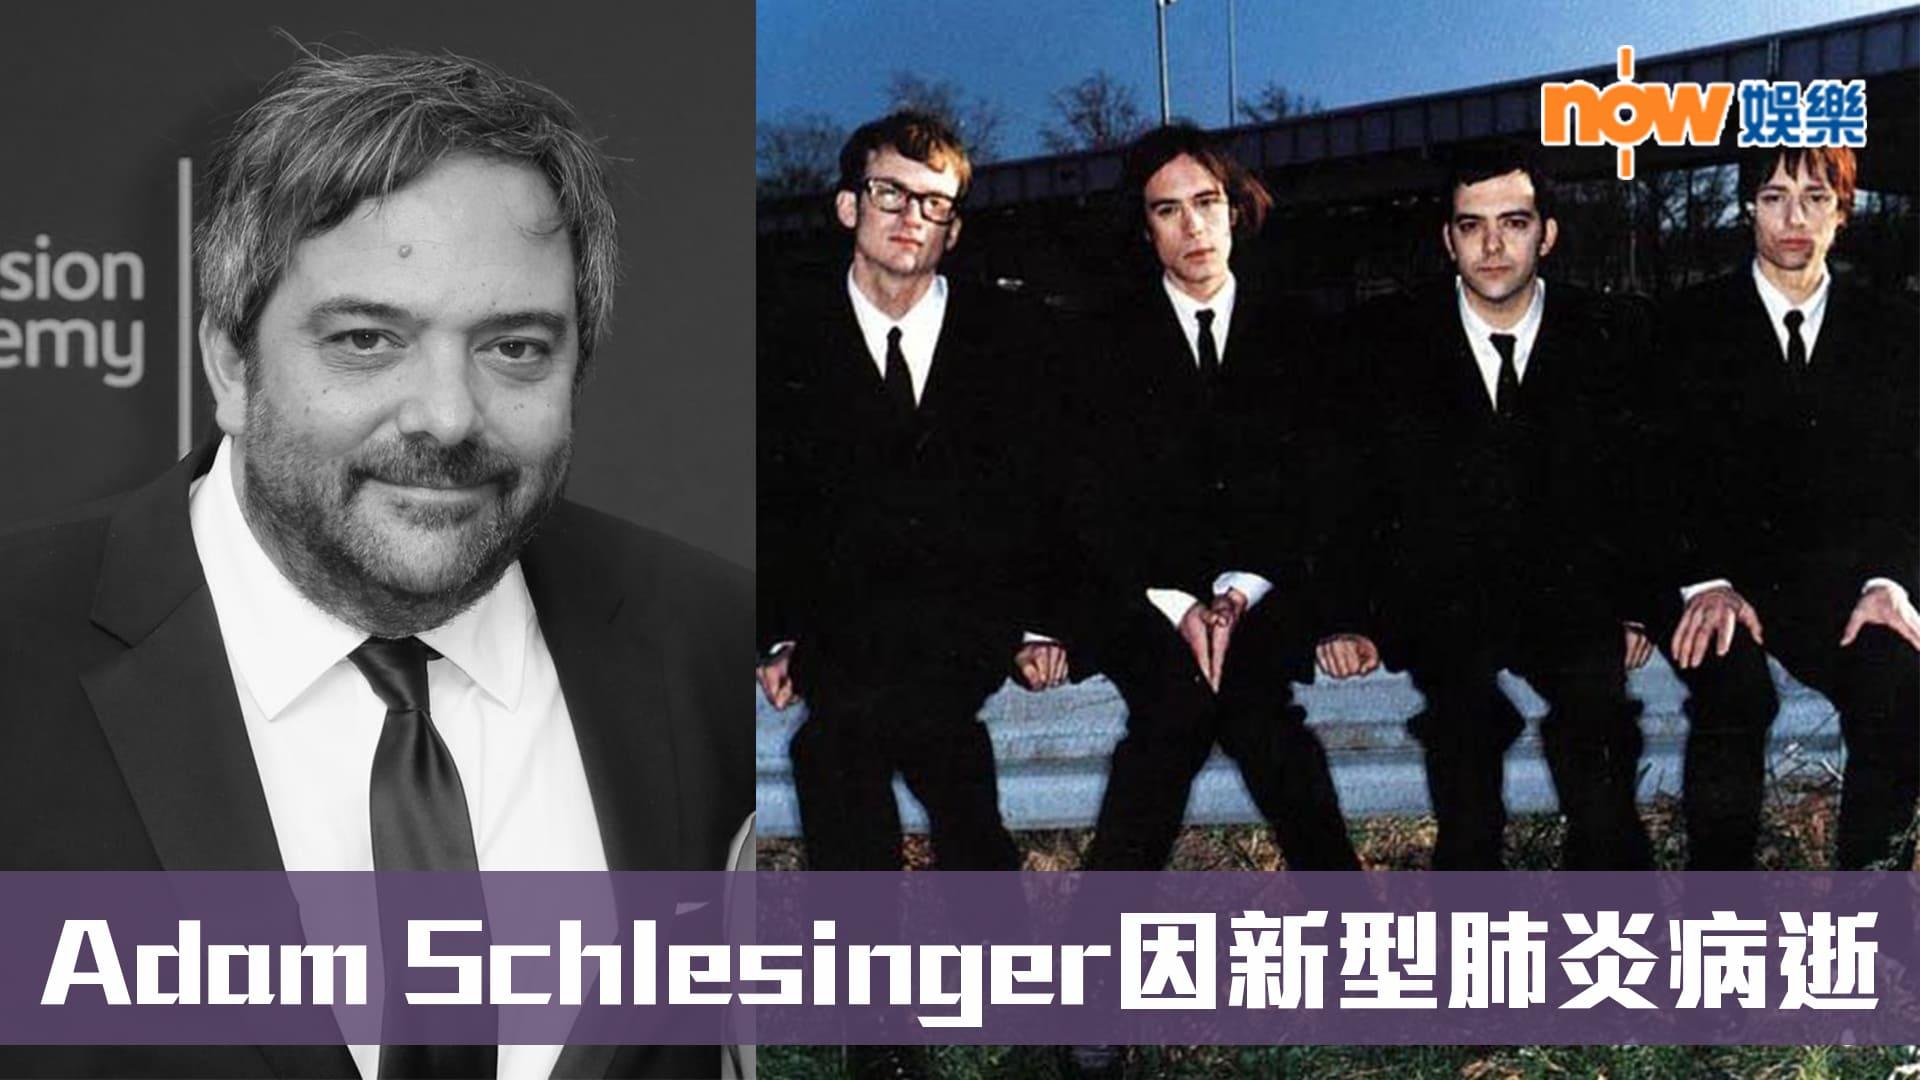 【新型肺炎】「韋恩噴泉」創團音樂人Adam Schlesinger染疫病逝 終年52歲